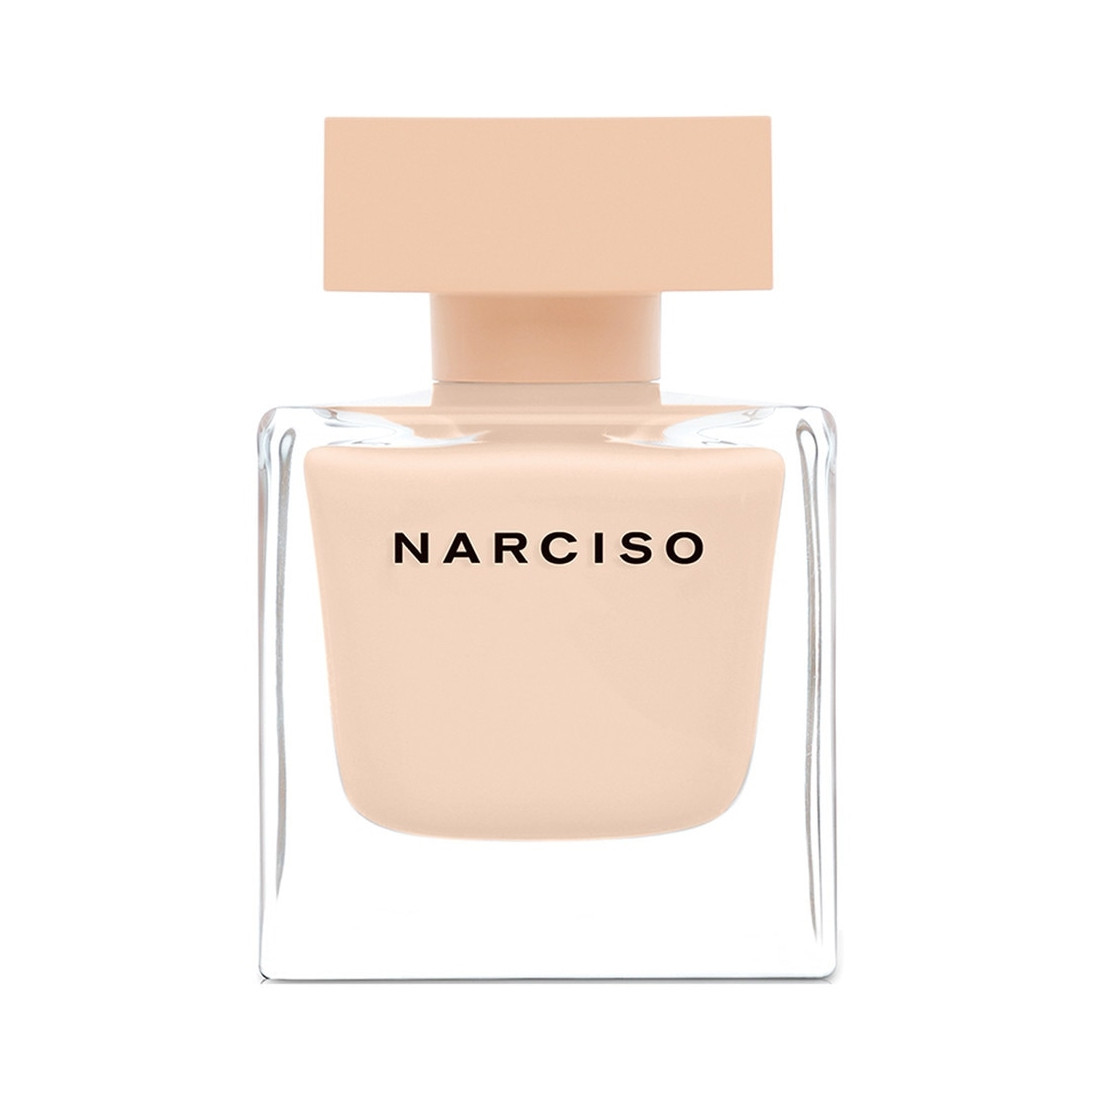 Narciso Rodriguez Narciso Poudree Eau De Parfum Spray 50 ml